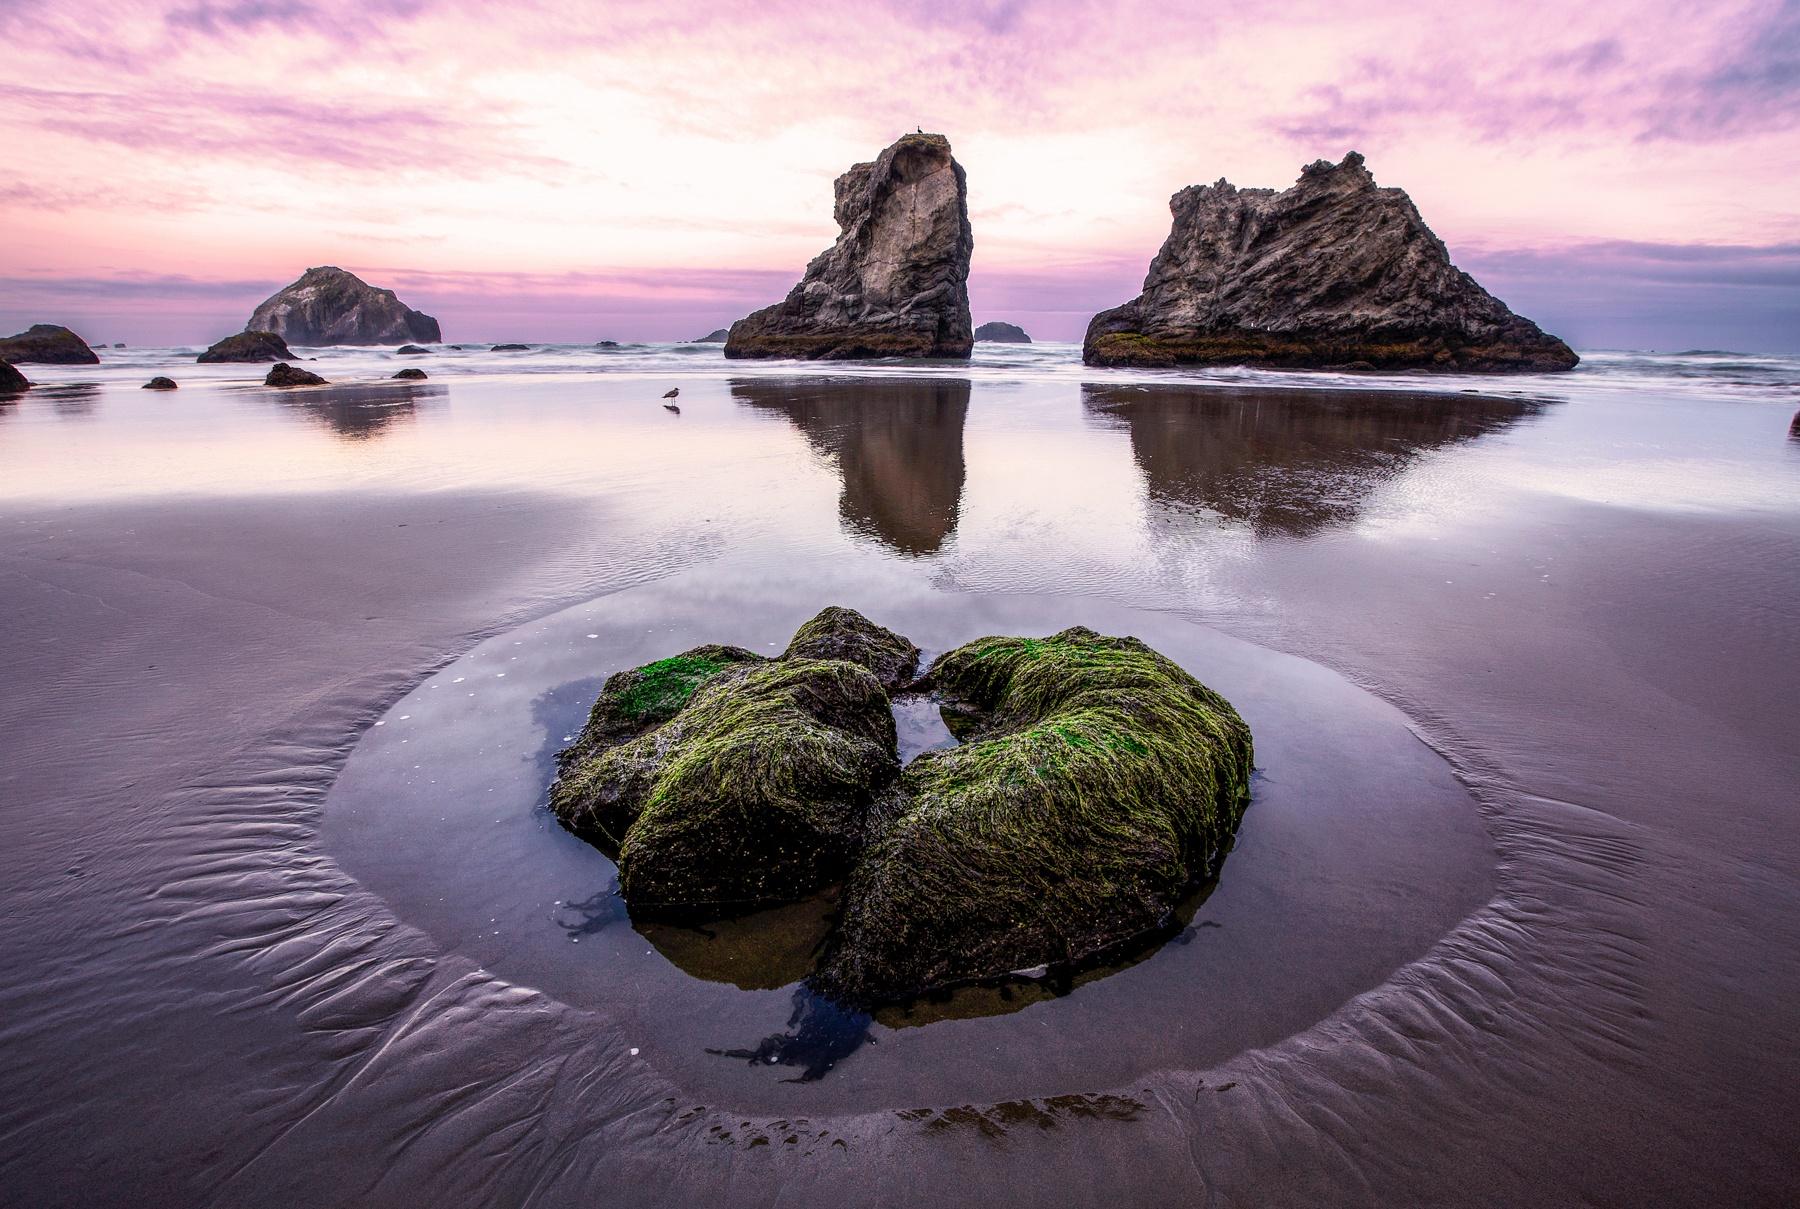 Alex-Vision-Photography-CG-Pro-Prints-Composition-Nature (10)